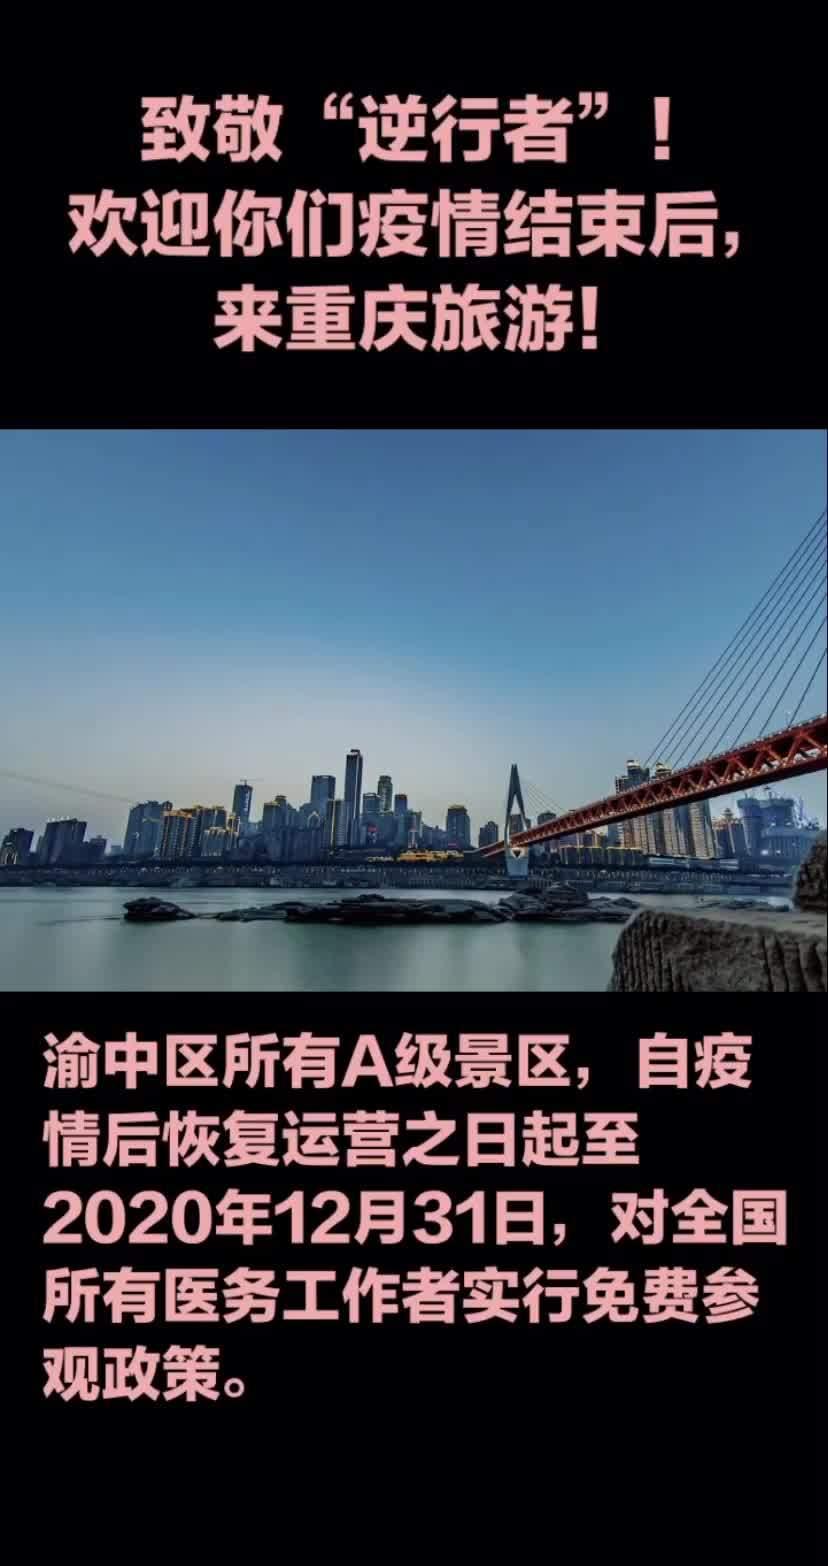 渝中区所有A级景区,自疫情后恢复运营之日起至2020年12月31日